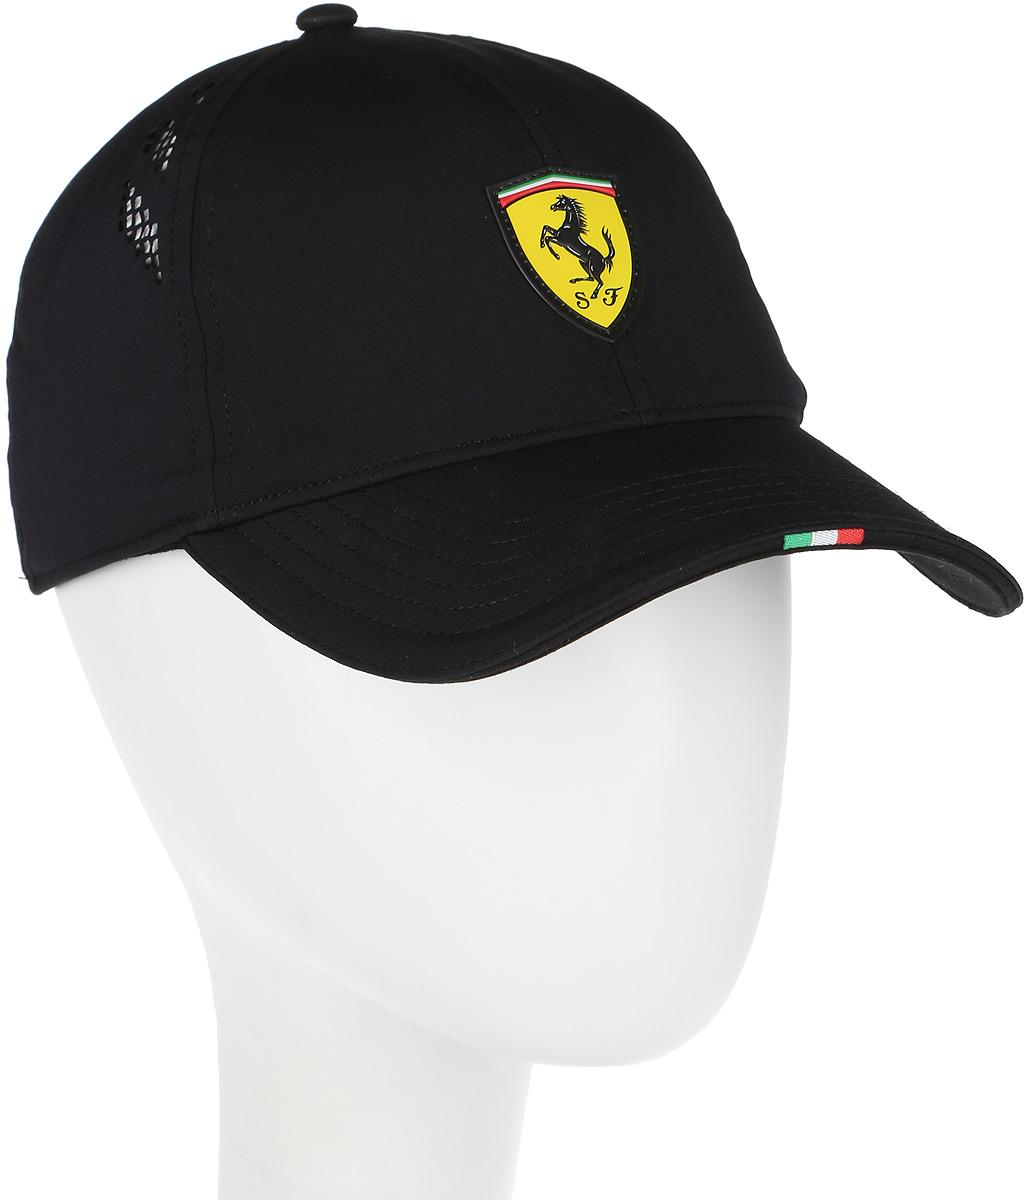 Бейсболка Puma Ferrari Fanwear Force SF Cap, цвет: черный. 02120102. Размер S/M (56)02120102Бейсболка Ferrari Fanwear force SF cap с логотипом Ferrari и итальянским флагом на козырьке станет бессменным спутником на все заезды любимой команды. Модель имеет изогнутый козырек с контрастной внутренней стороной, плотную посадку с эластичной лентой вдоль головы и лазерную перфорацию по сторонам. Бейсболка декорирована гербом Ferrari из термопластичного полиуретана спереди и логотипом Puma сзади.